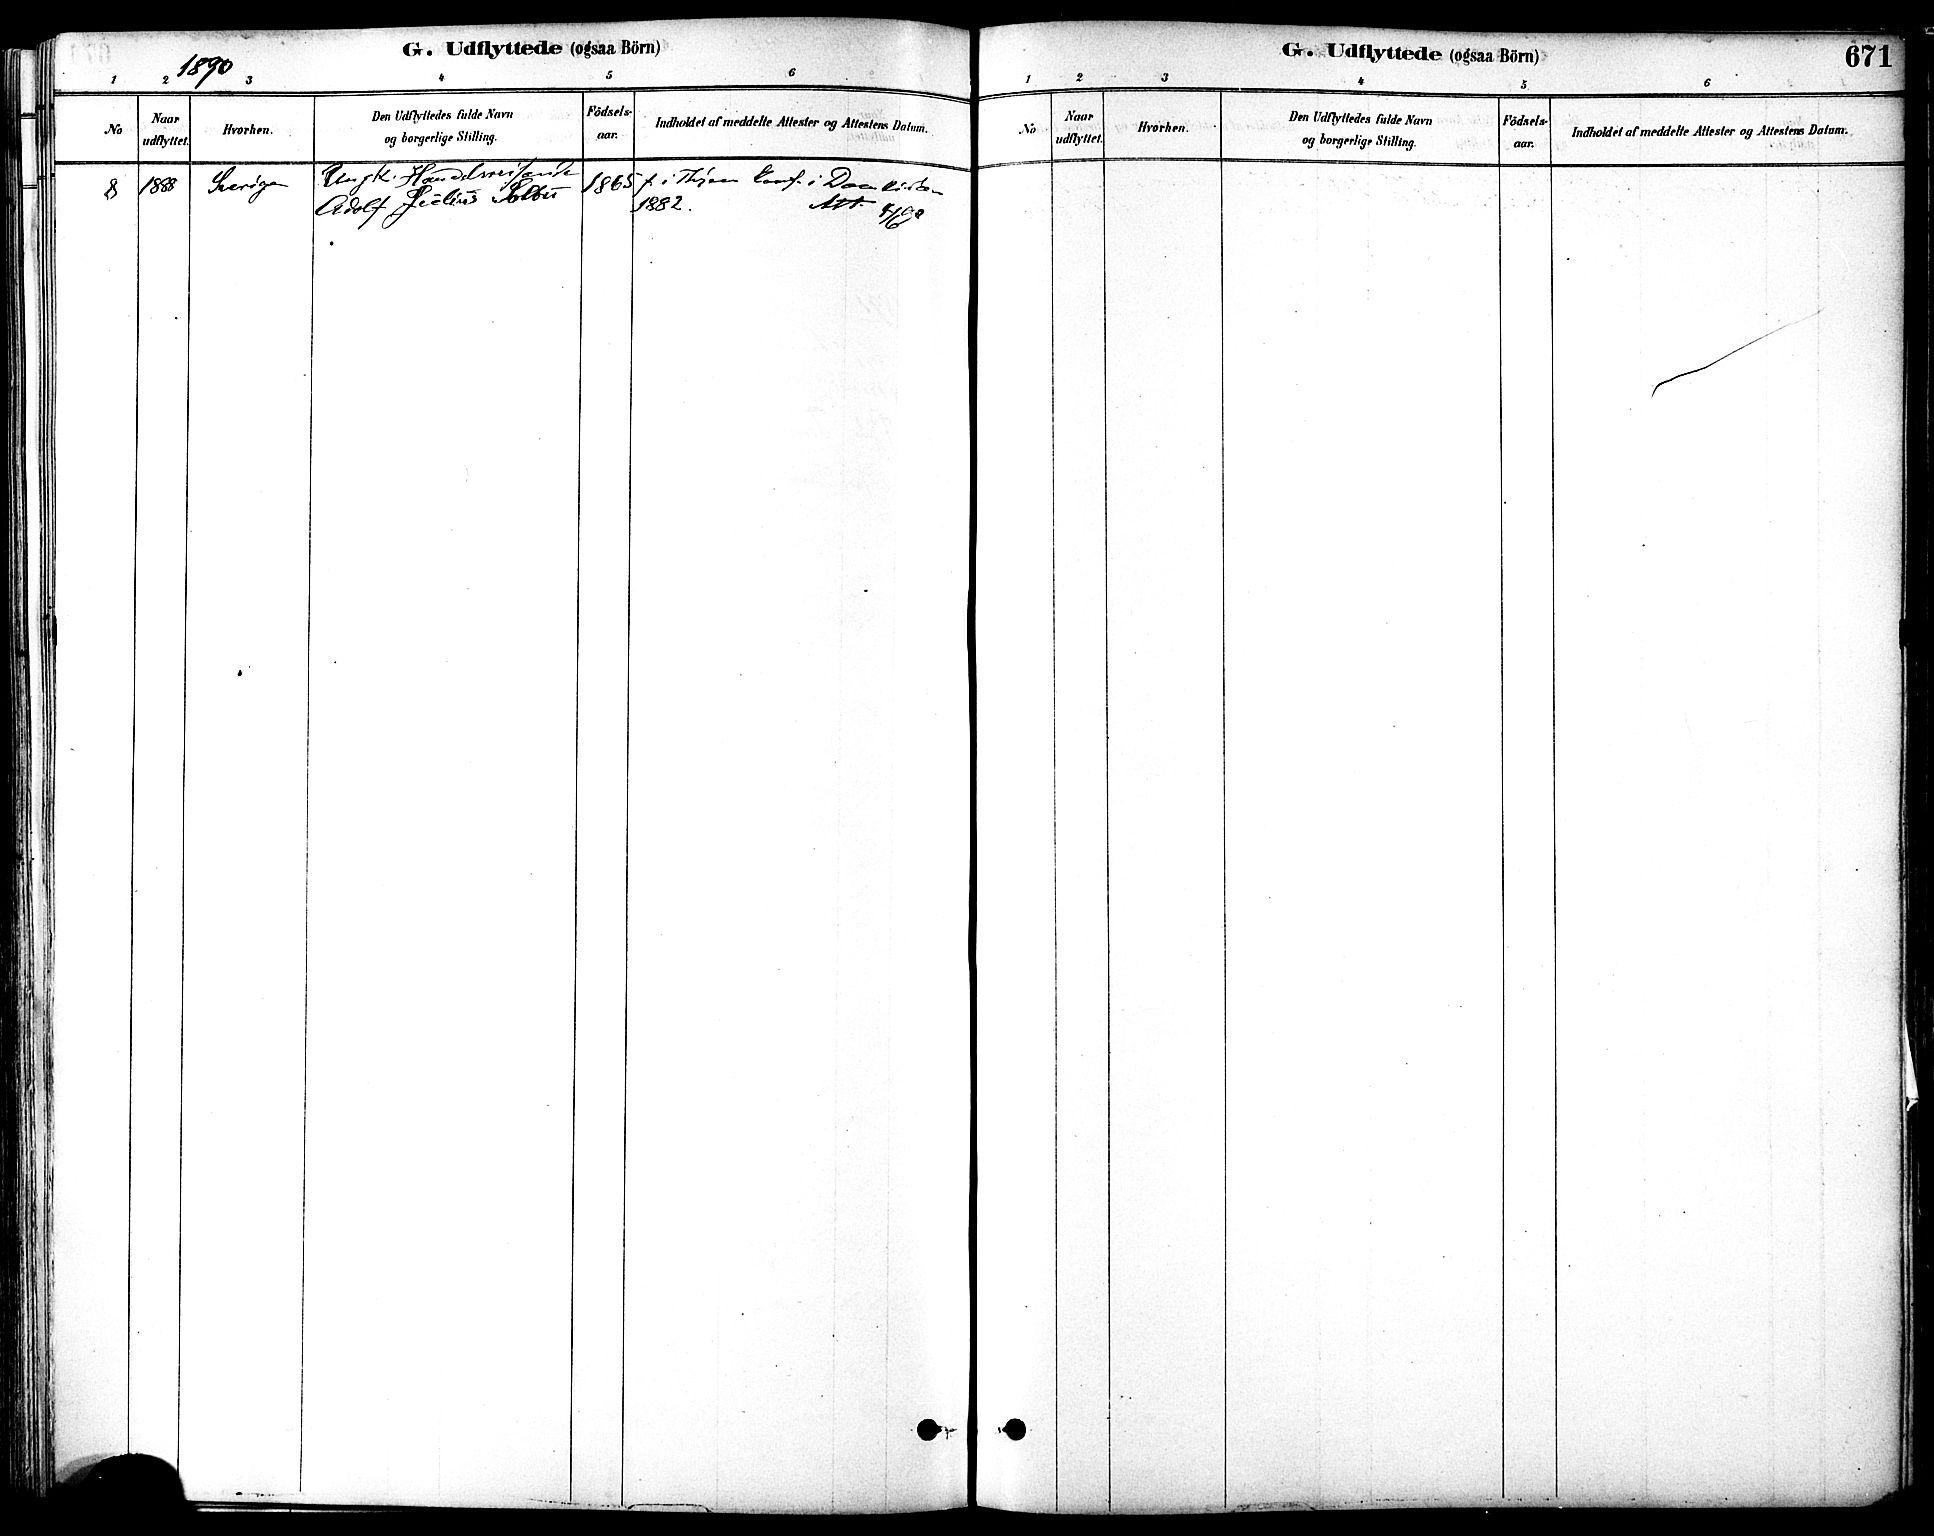 SAT, Ministerialprotokoller, klokkerbøker og fødselsregistre - Sør-Trøndelag, 601/L0058: Ministerialbok nr. 601A26, 1877-1891, s. 671